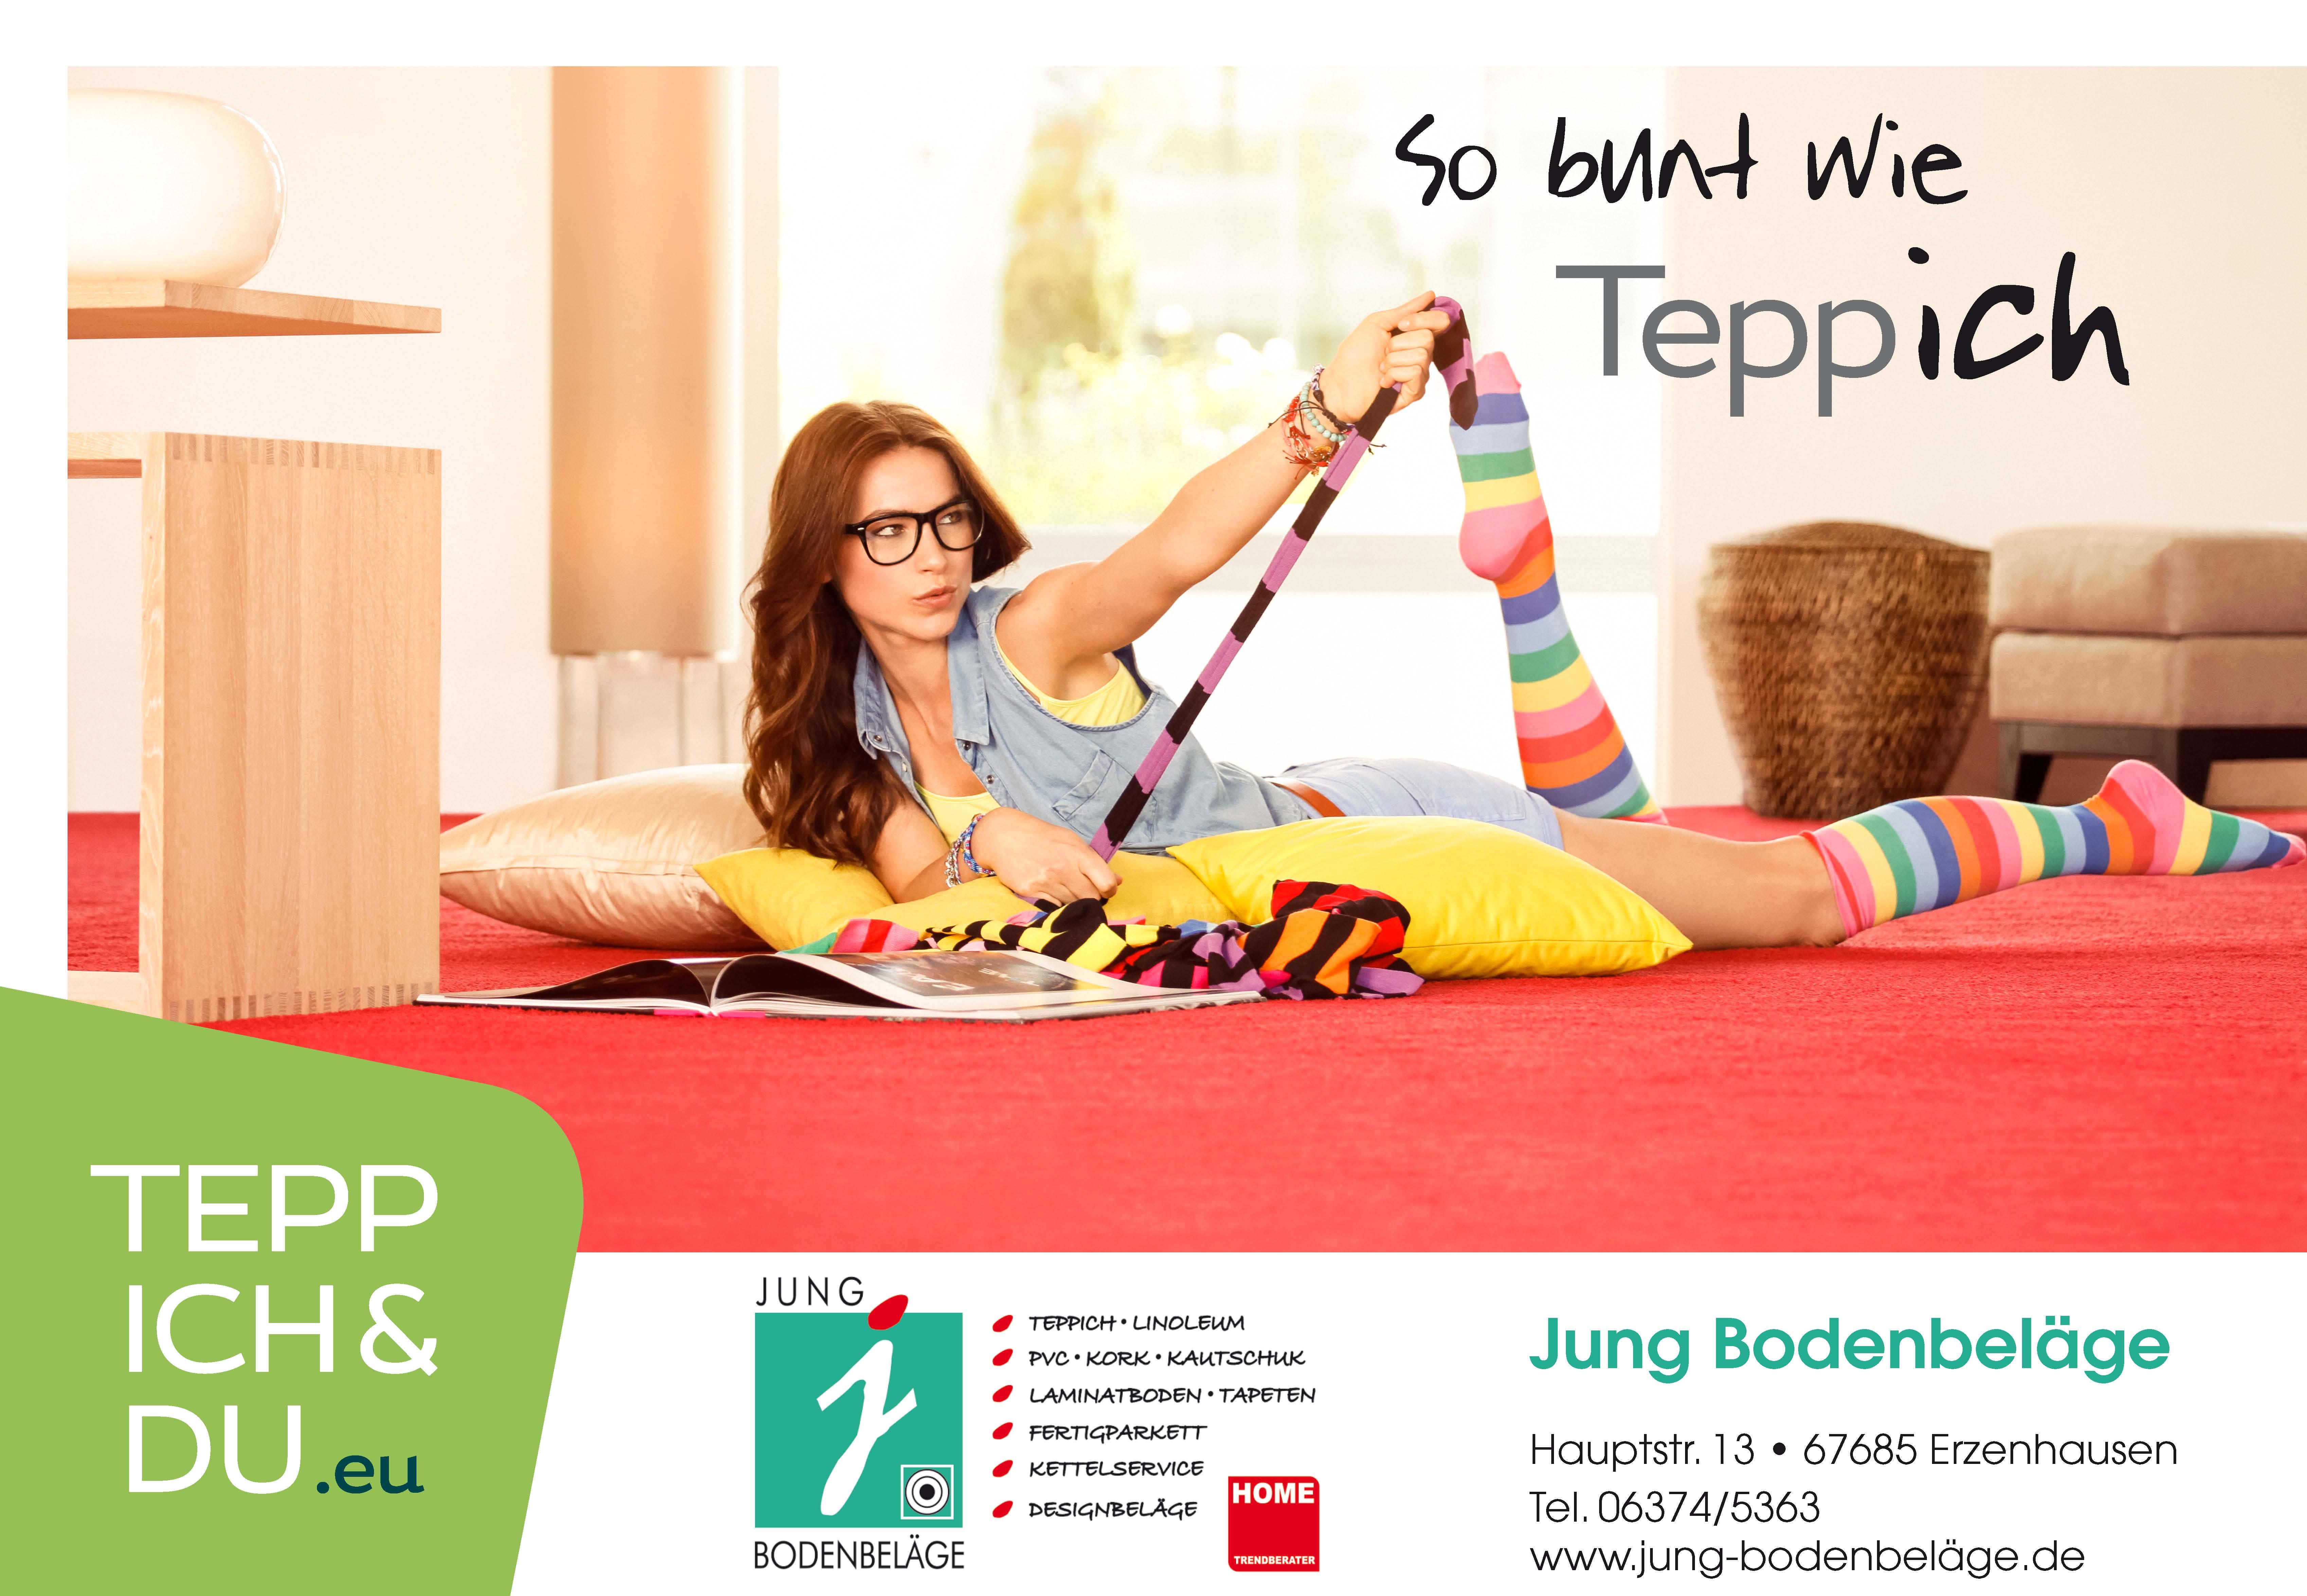 Teppich Du